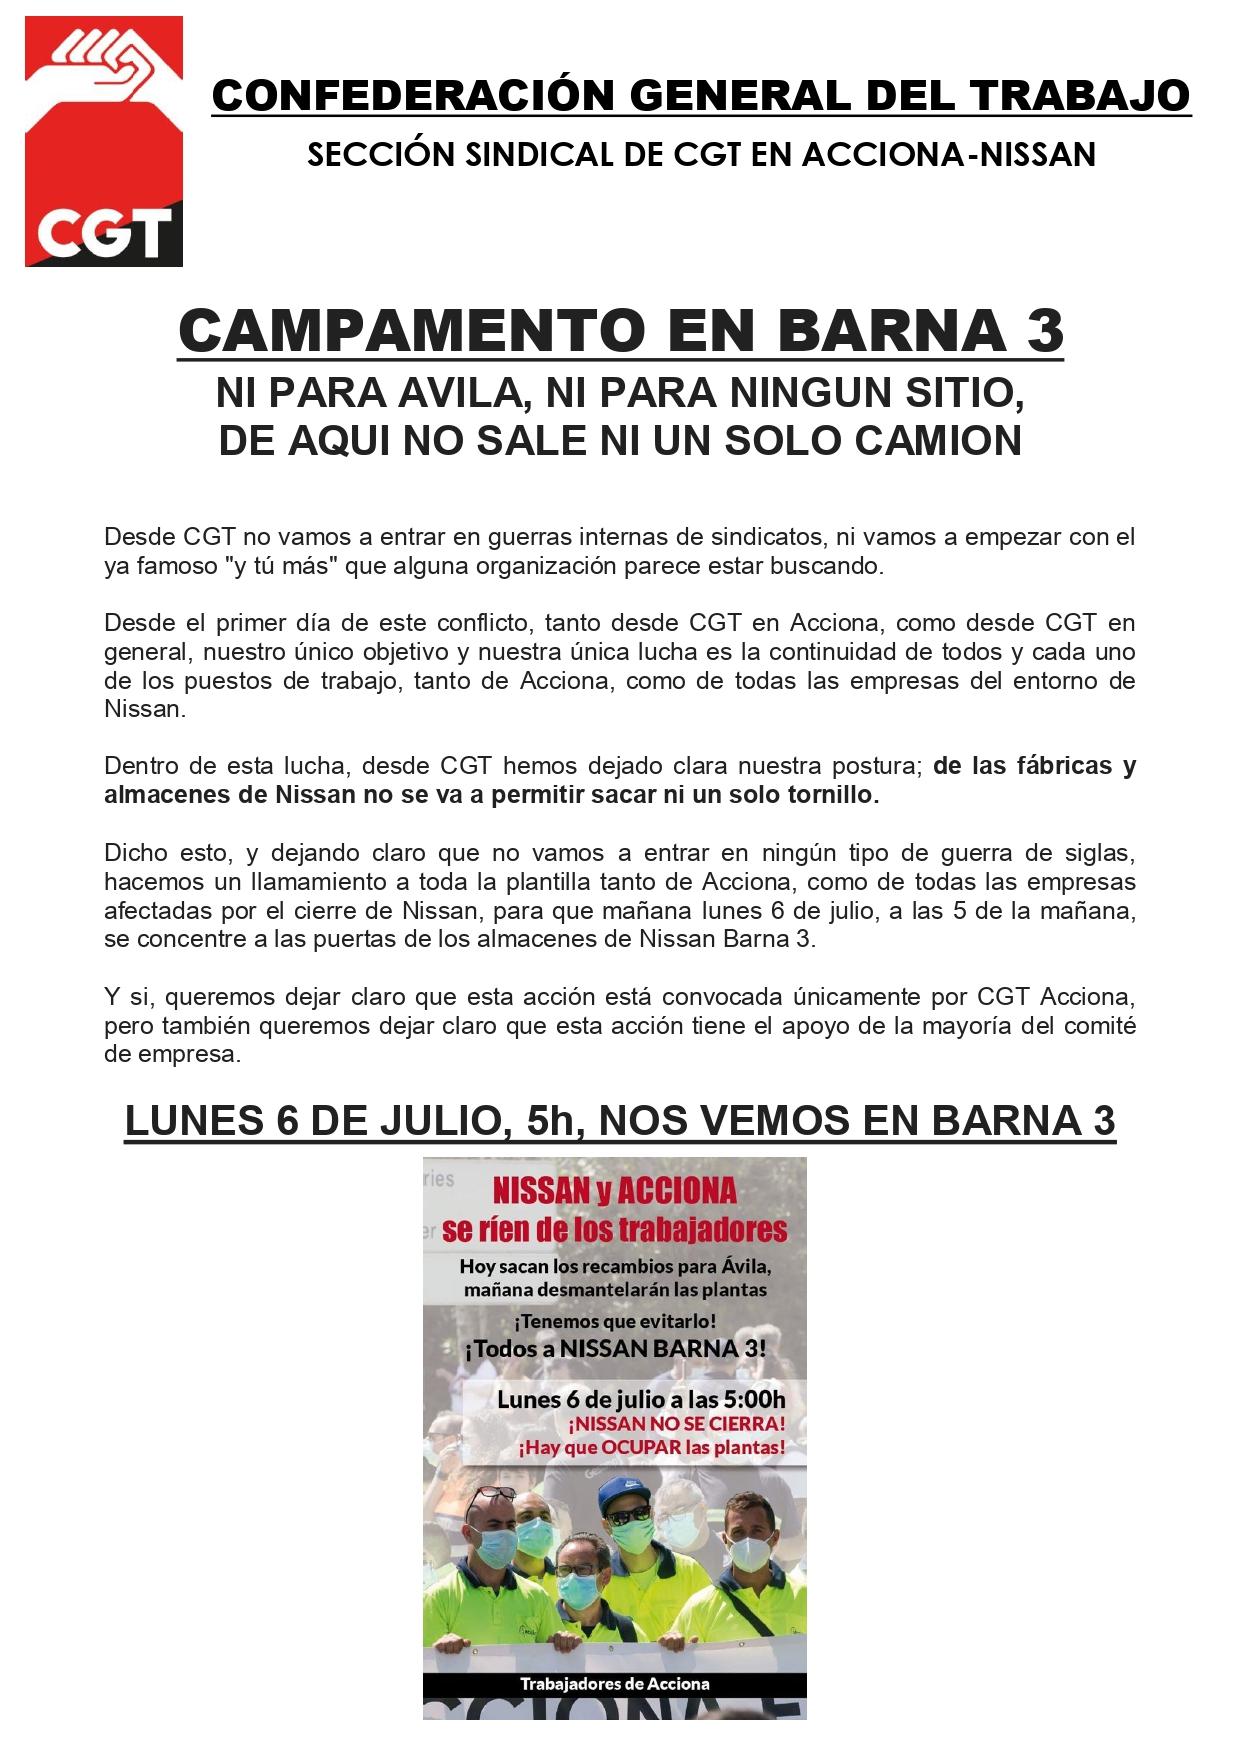 comunicado campamento Barna 3_page-0001